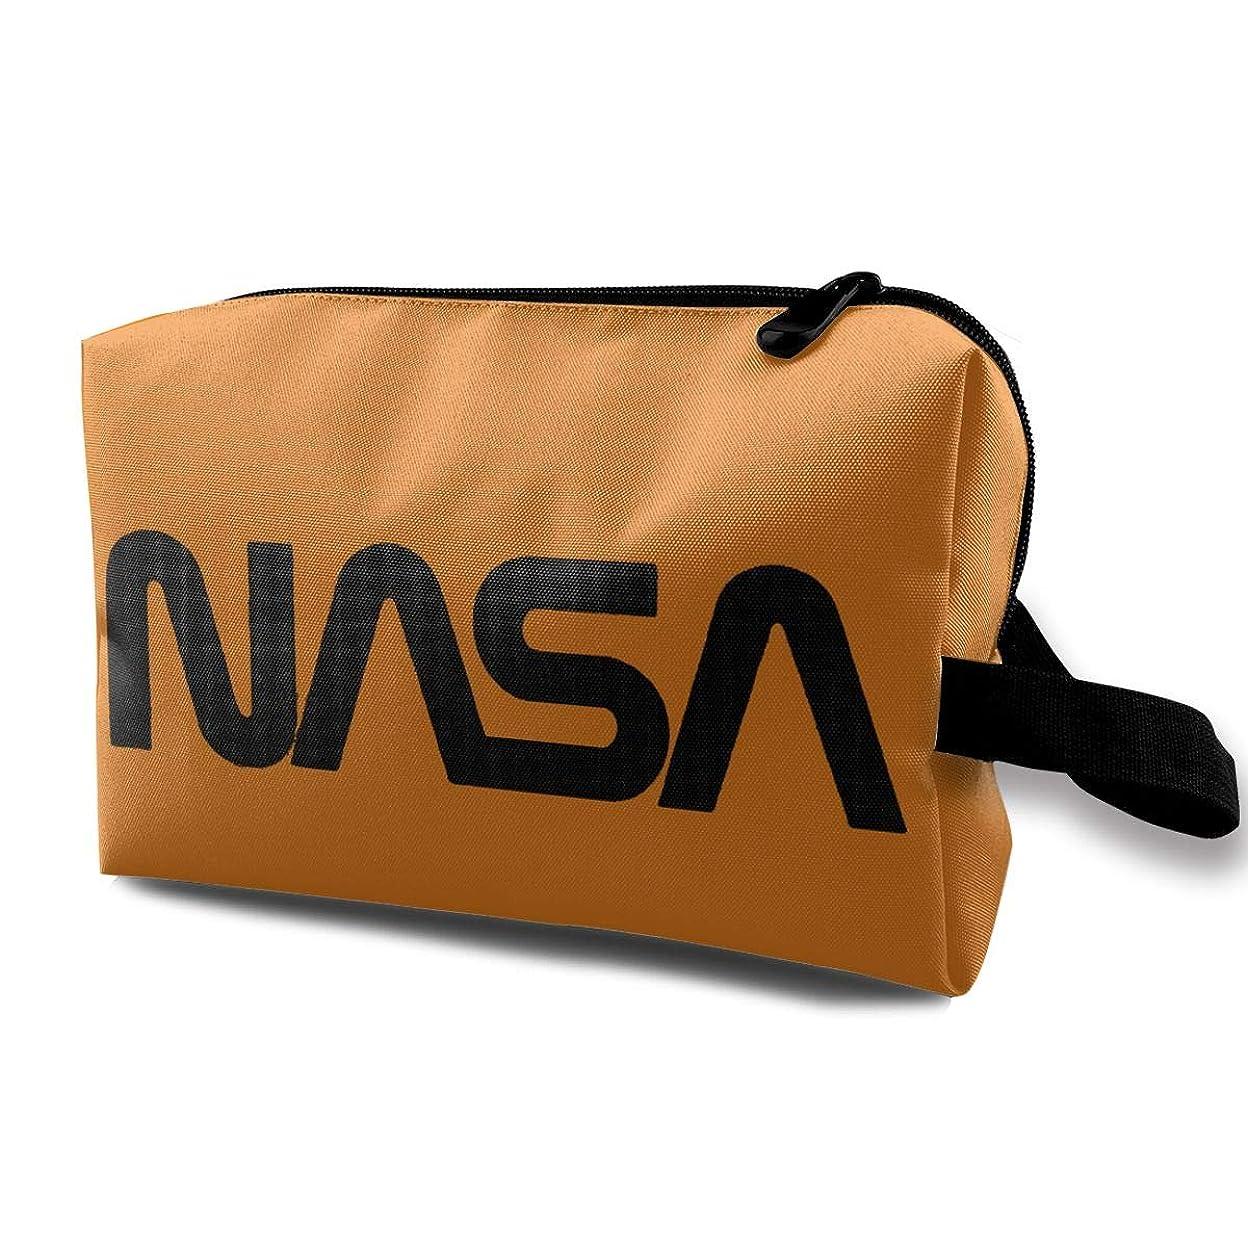 協力する帆文明化するDSB 化粧ポーチ コンパクト メイクポーチ 化粧バッグ NASA 航空 宇宙 化粧品 収納バッグ コスメポーチ メイクブラシバッグ 旅行用 大容量